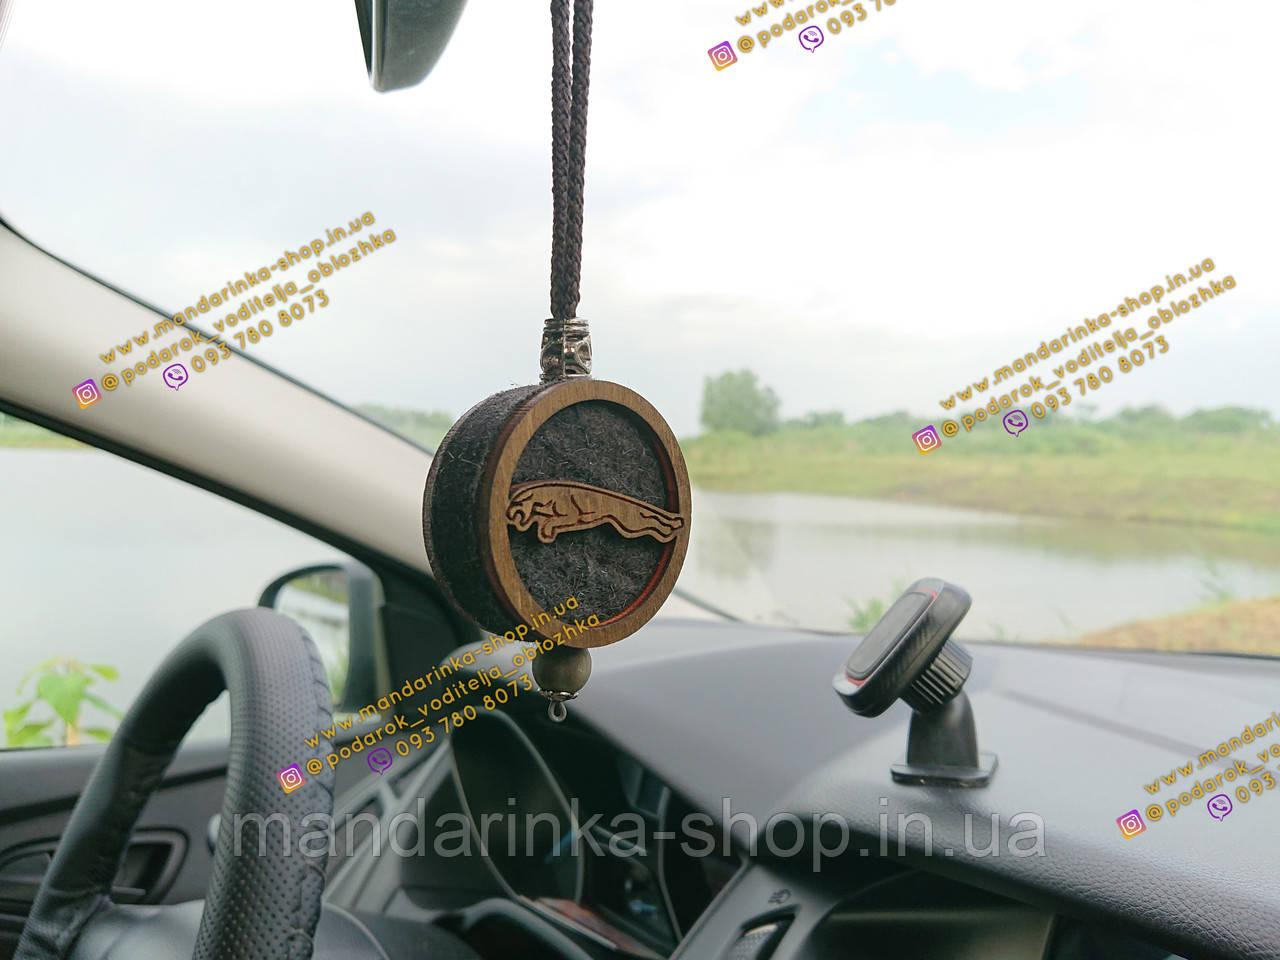 Підвіска ароматизатор Jaguar, Парфуми Ягуар на дзеркало